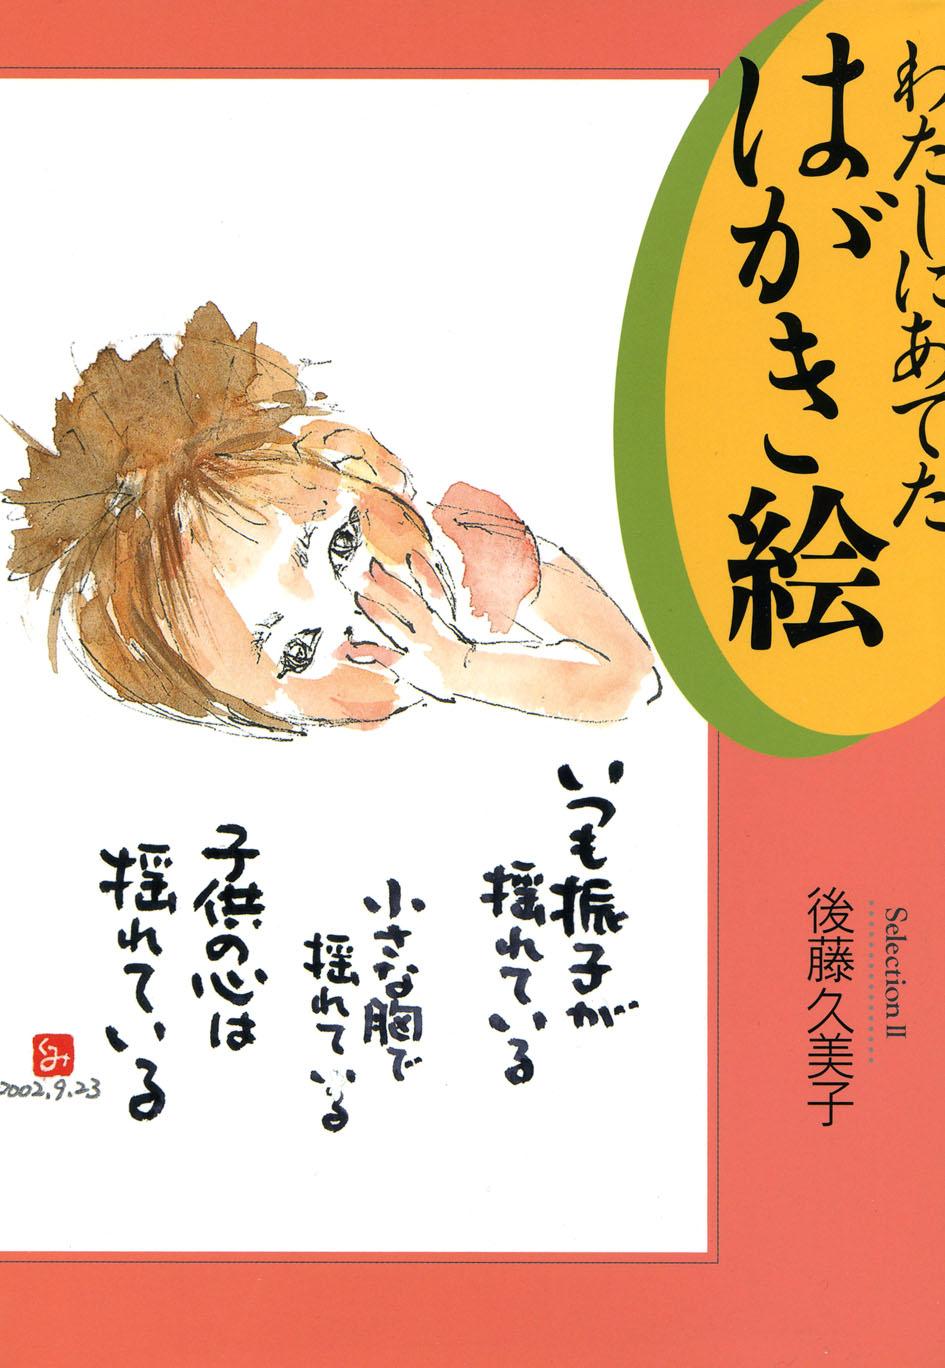 わたしにあてたはがき絵 後藤久美子 葉書絵 はがき絵 水彩 石風社